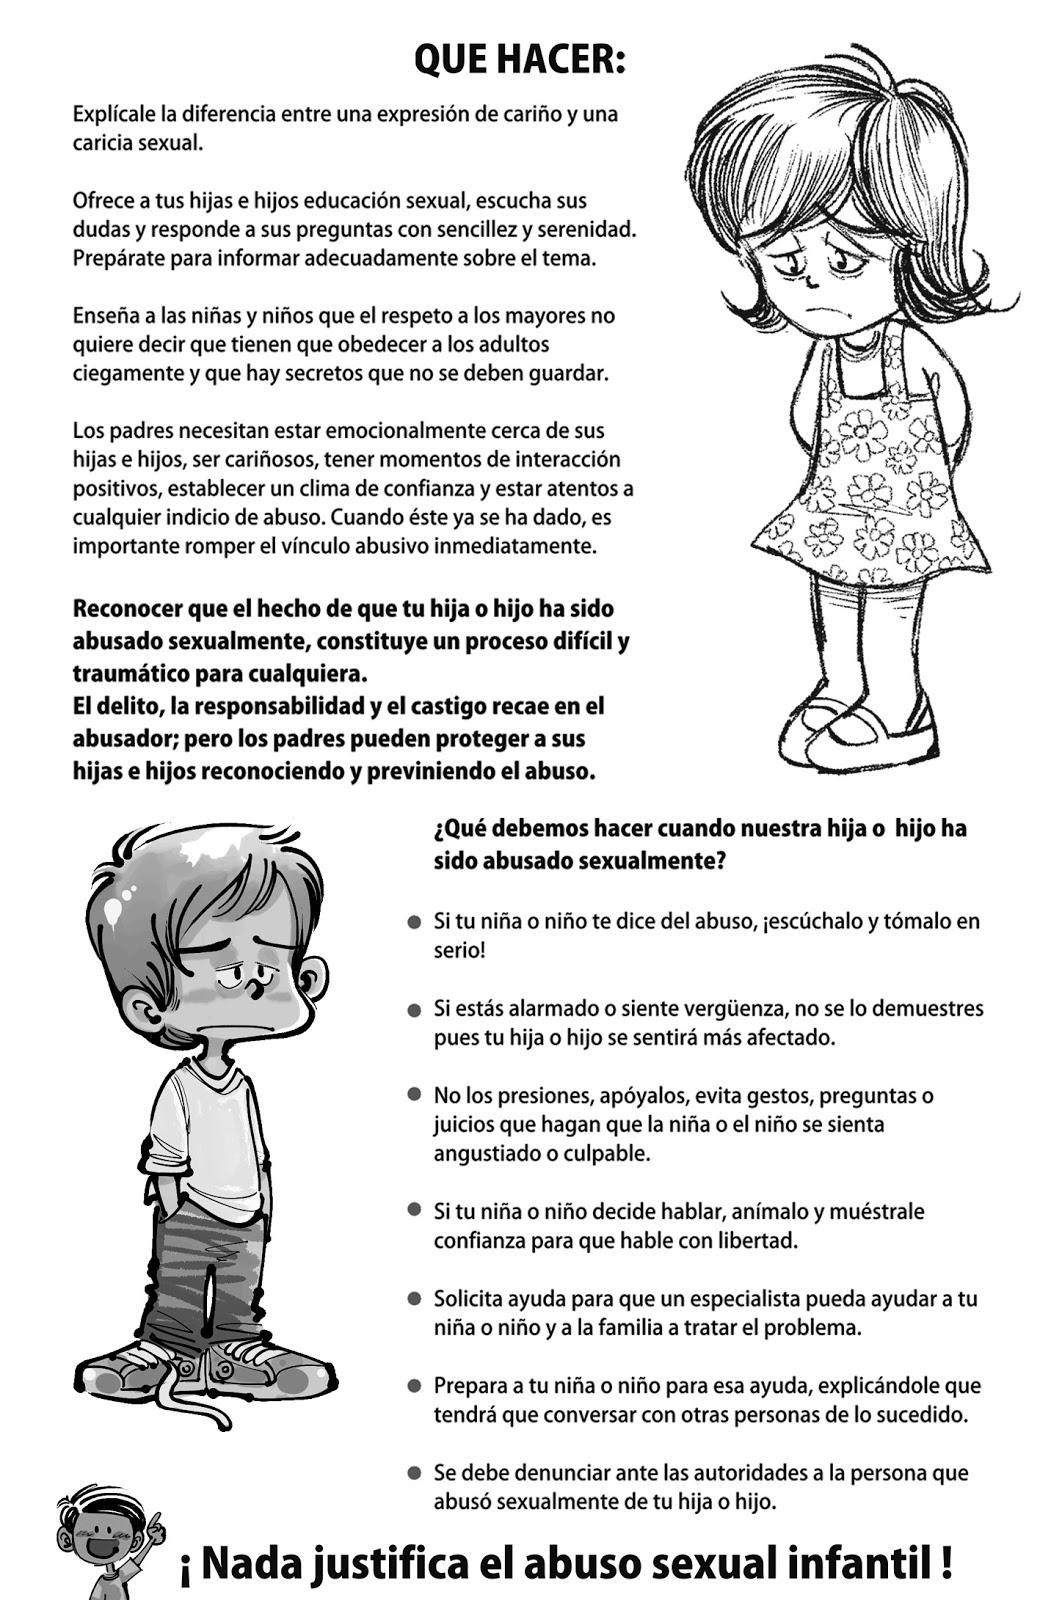 Abuso Sexual Infantil Nunca Más. : 09-may-2012